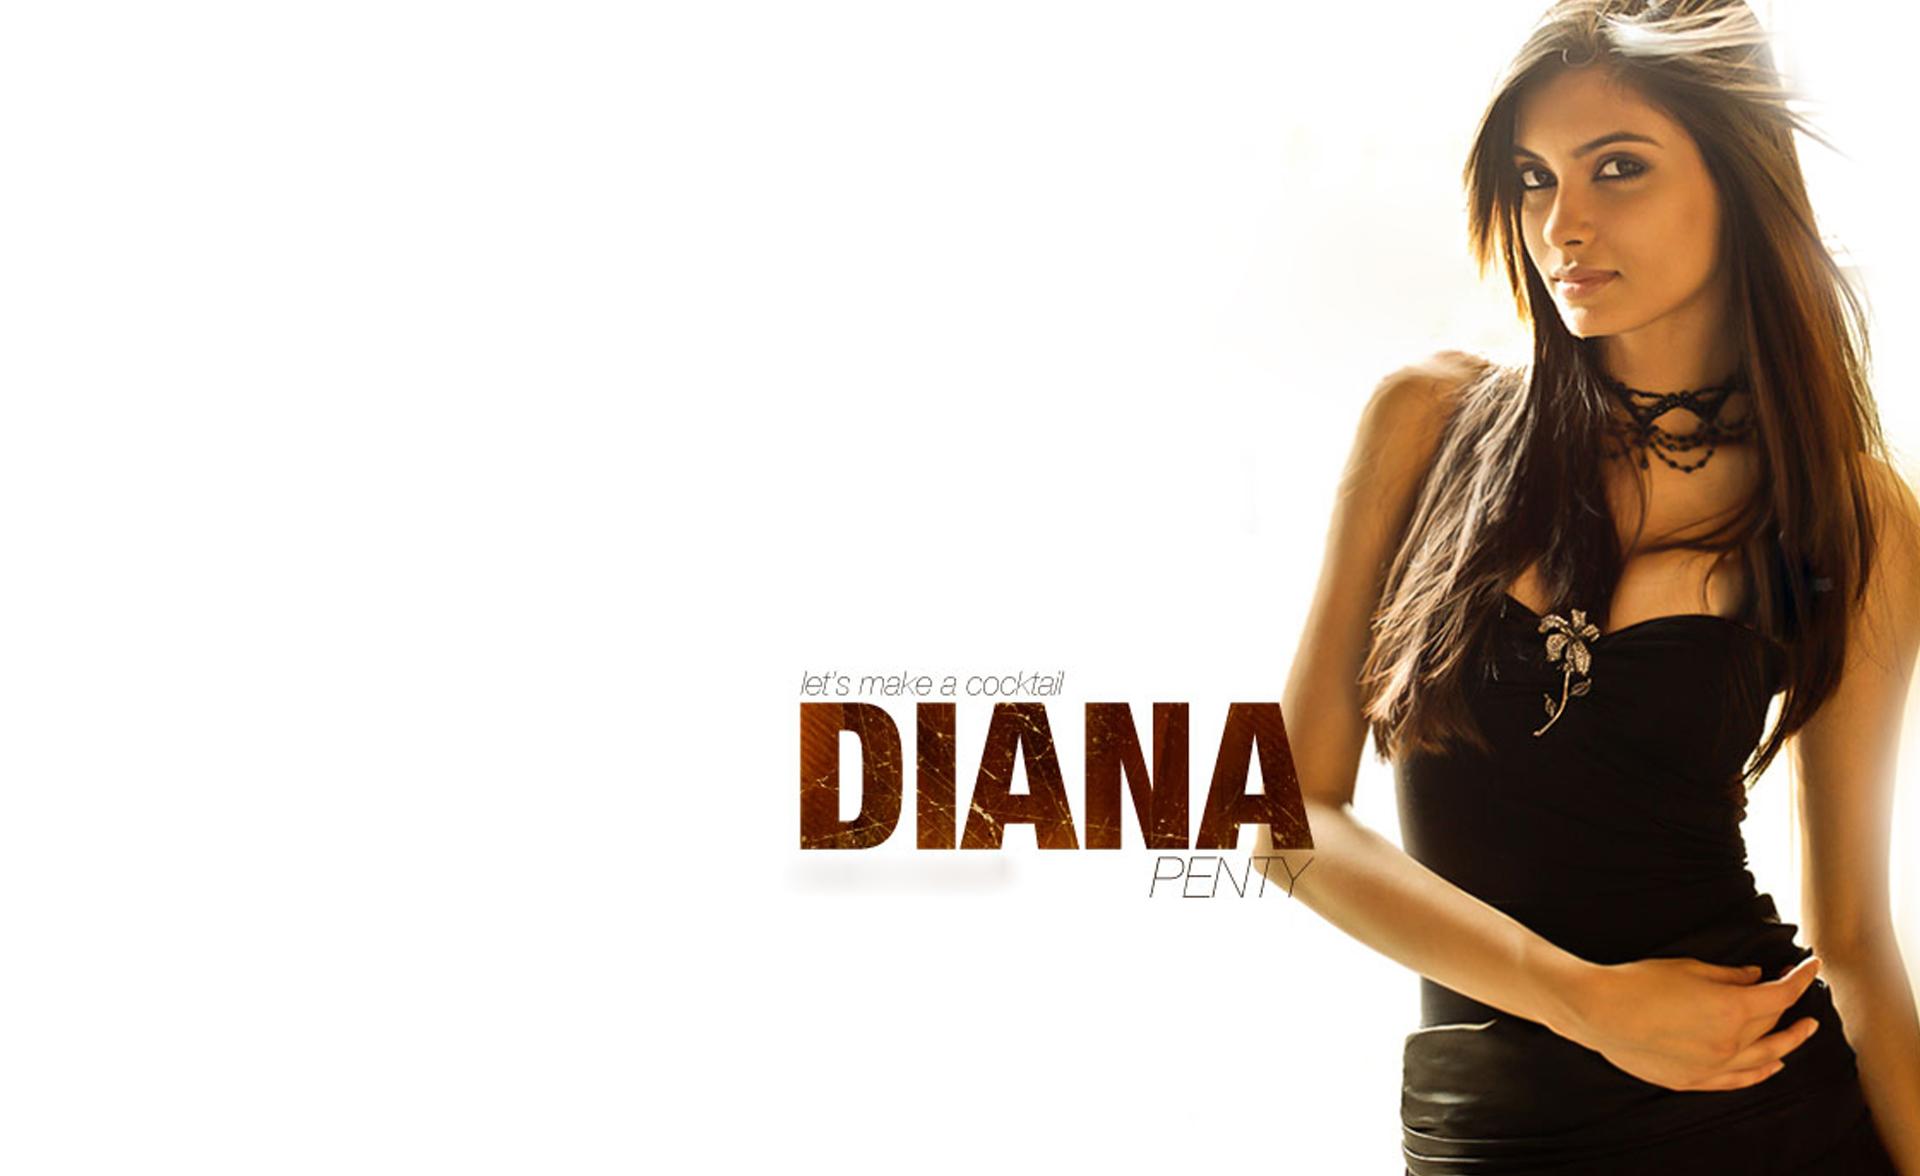 Facebook Covers For Diana Penty Popopicscom